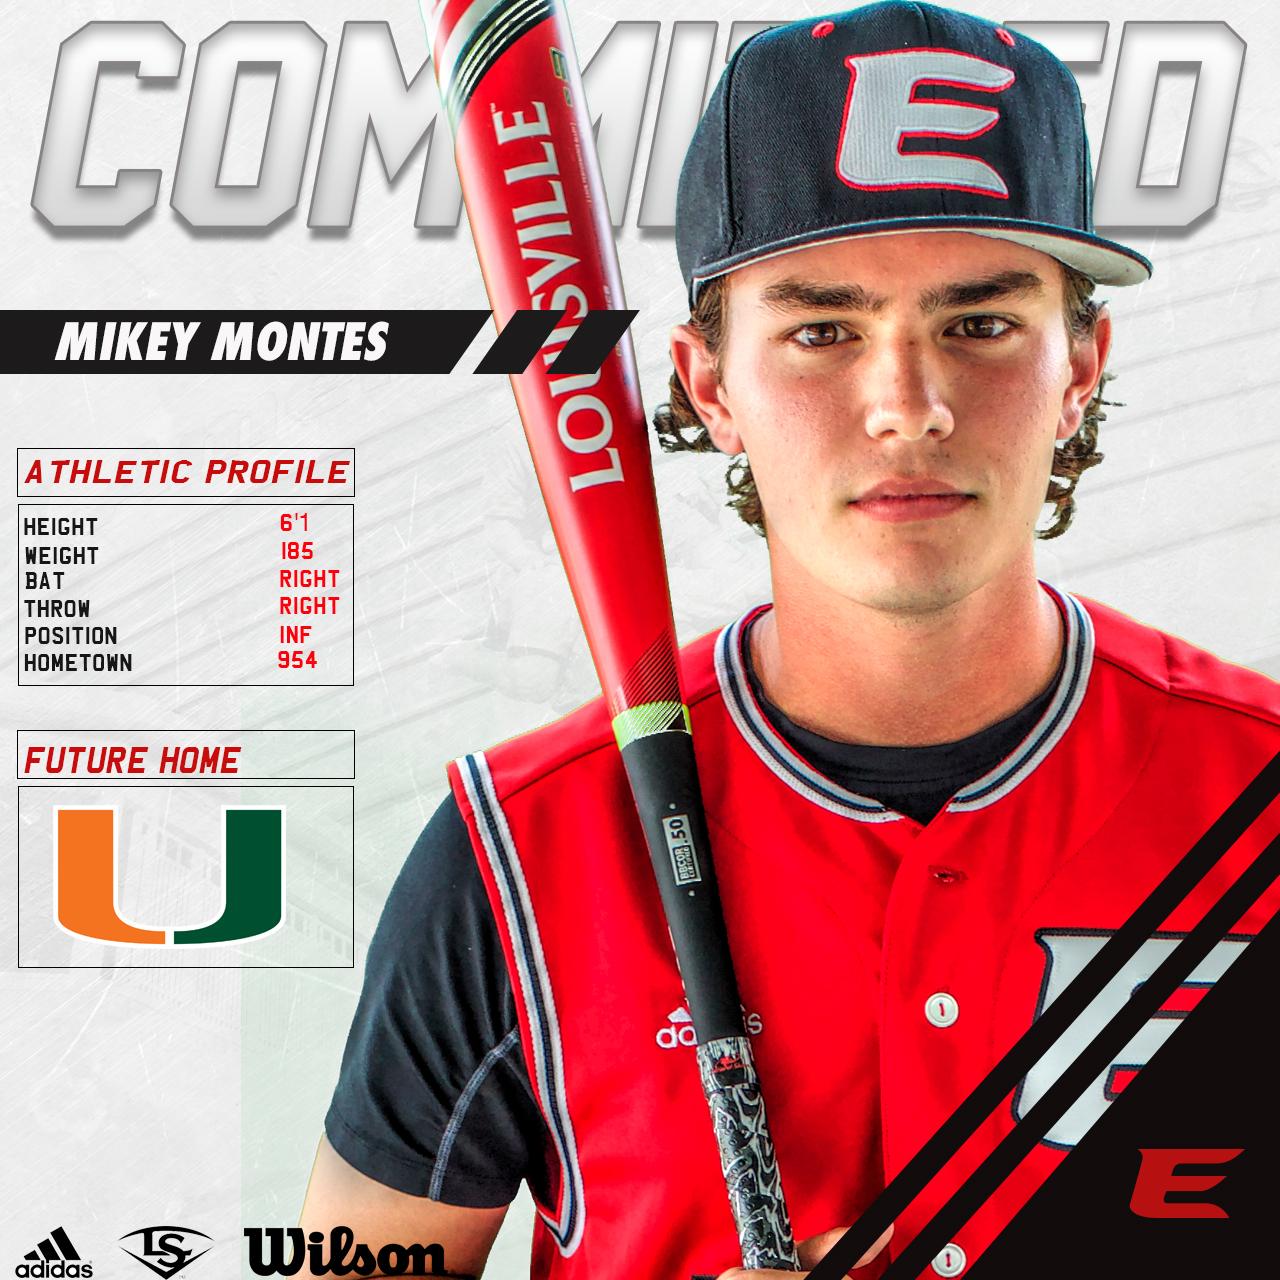 Mikey-Montes